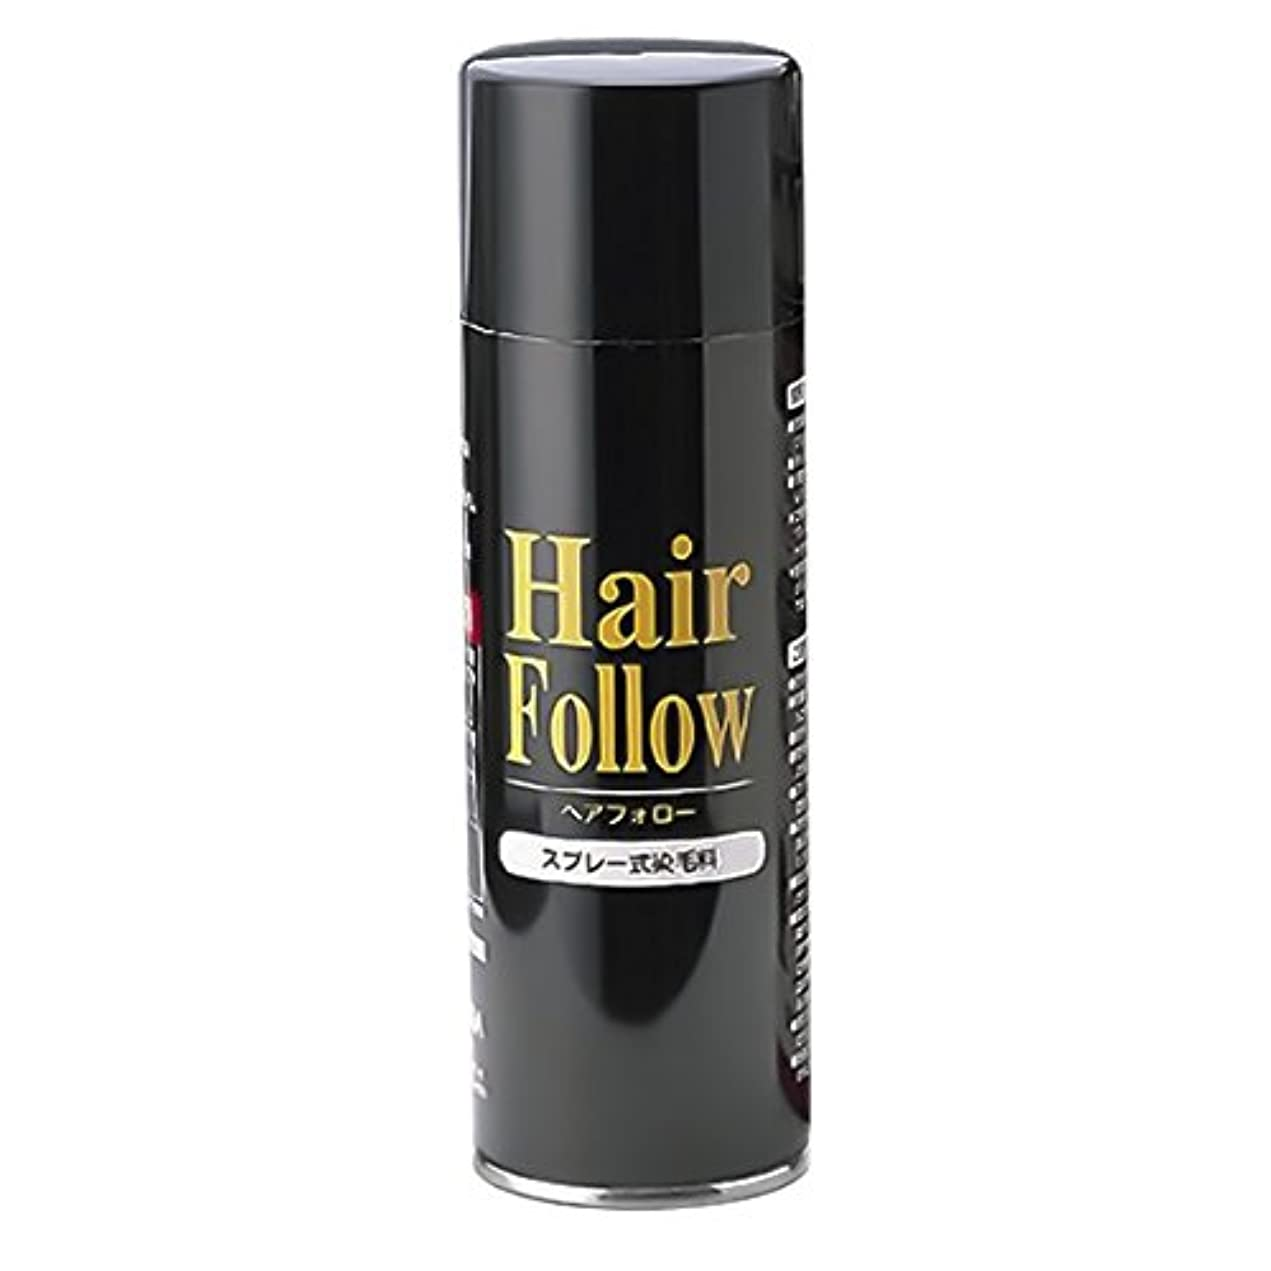 エンドウ東再現する薄毛スプレー ヘアフォロー HairFollow ブラック 150g